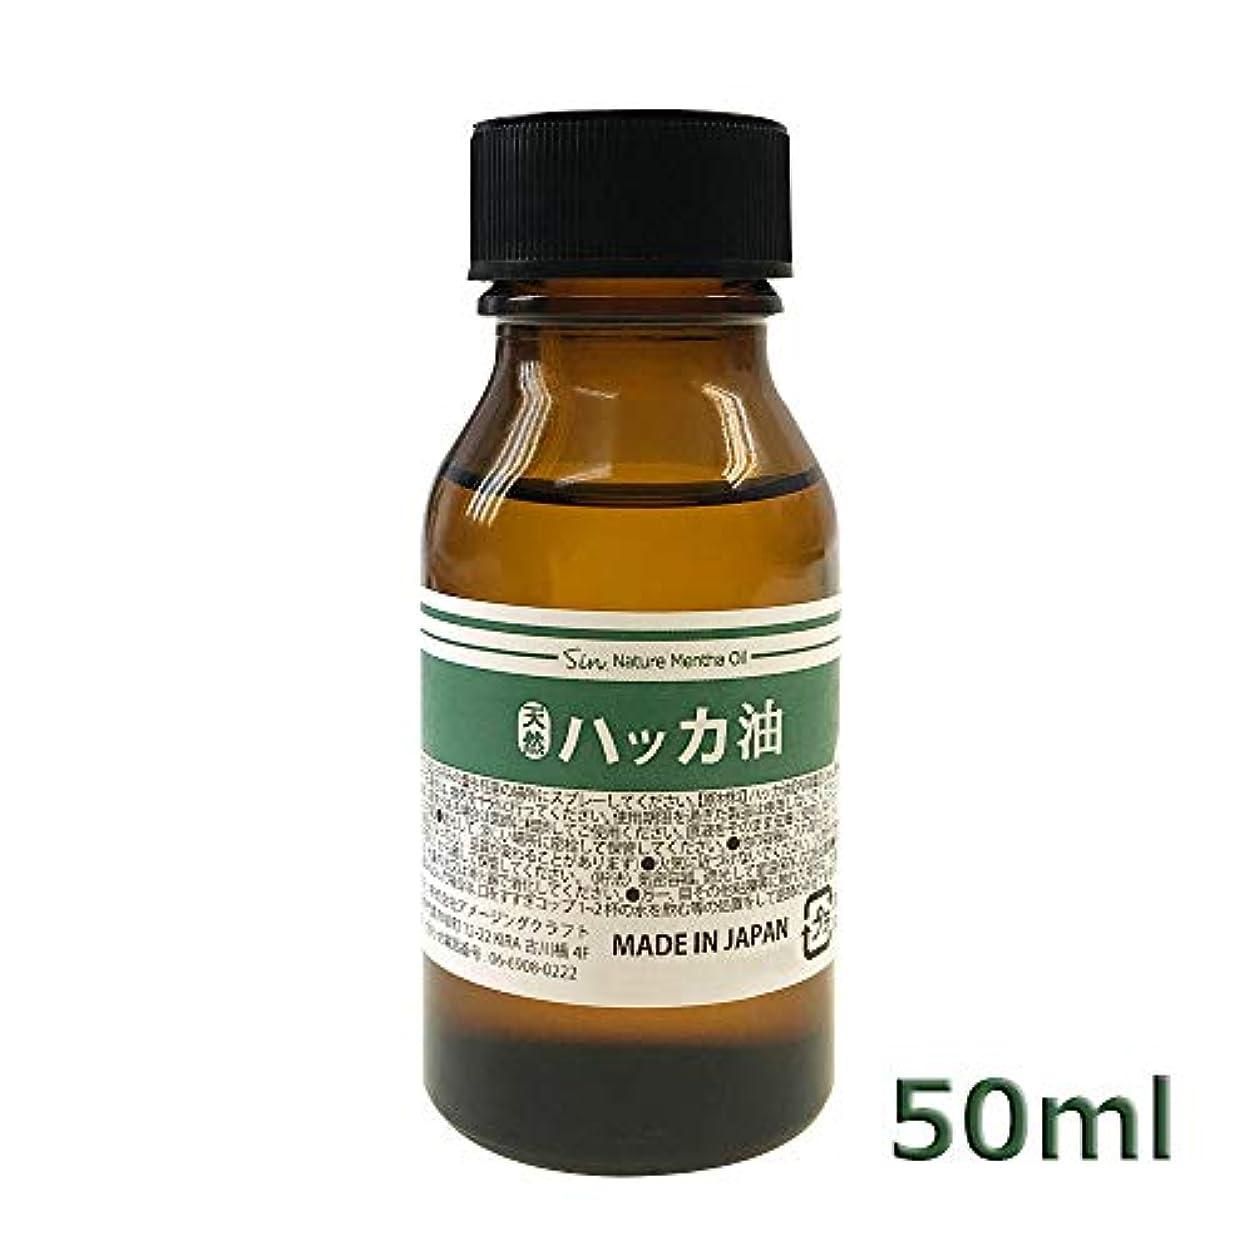 精神混乱させる伝記日本製 天然ハッカ油(ハッカオイル) 50ml